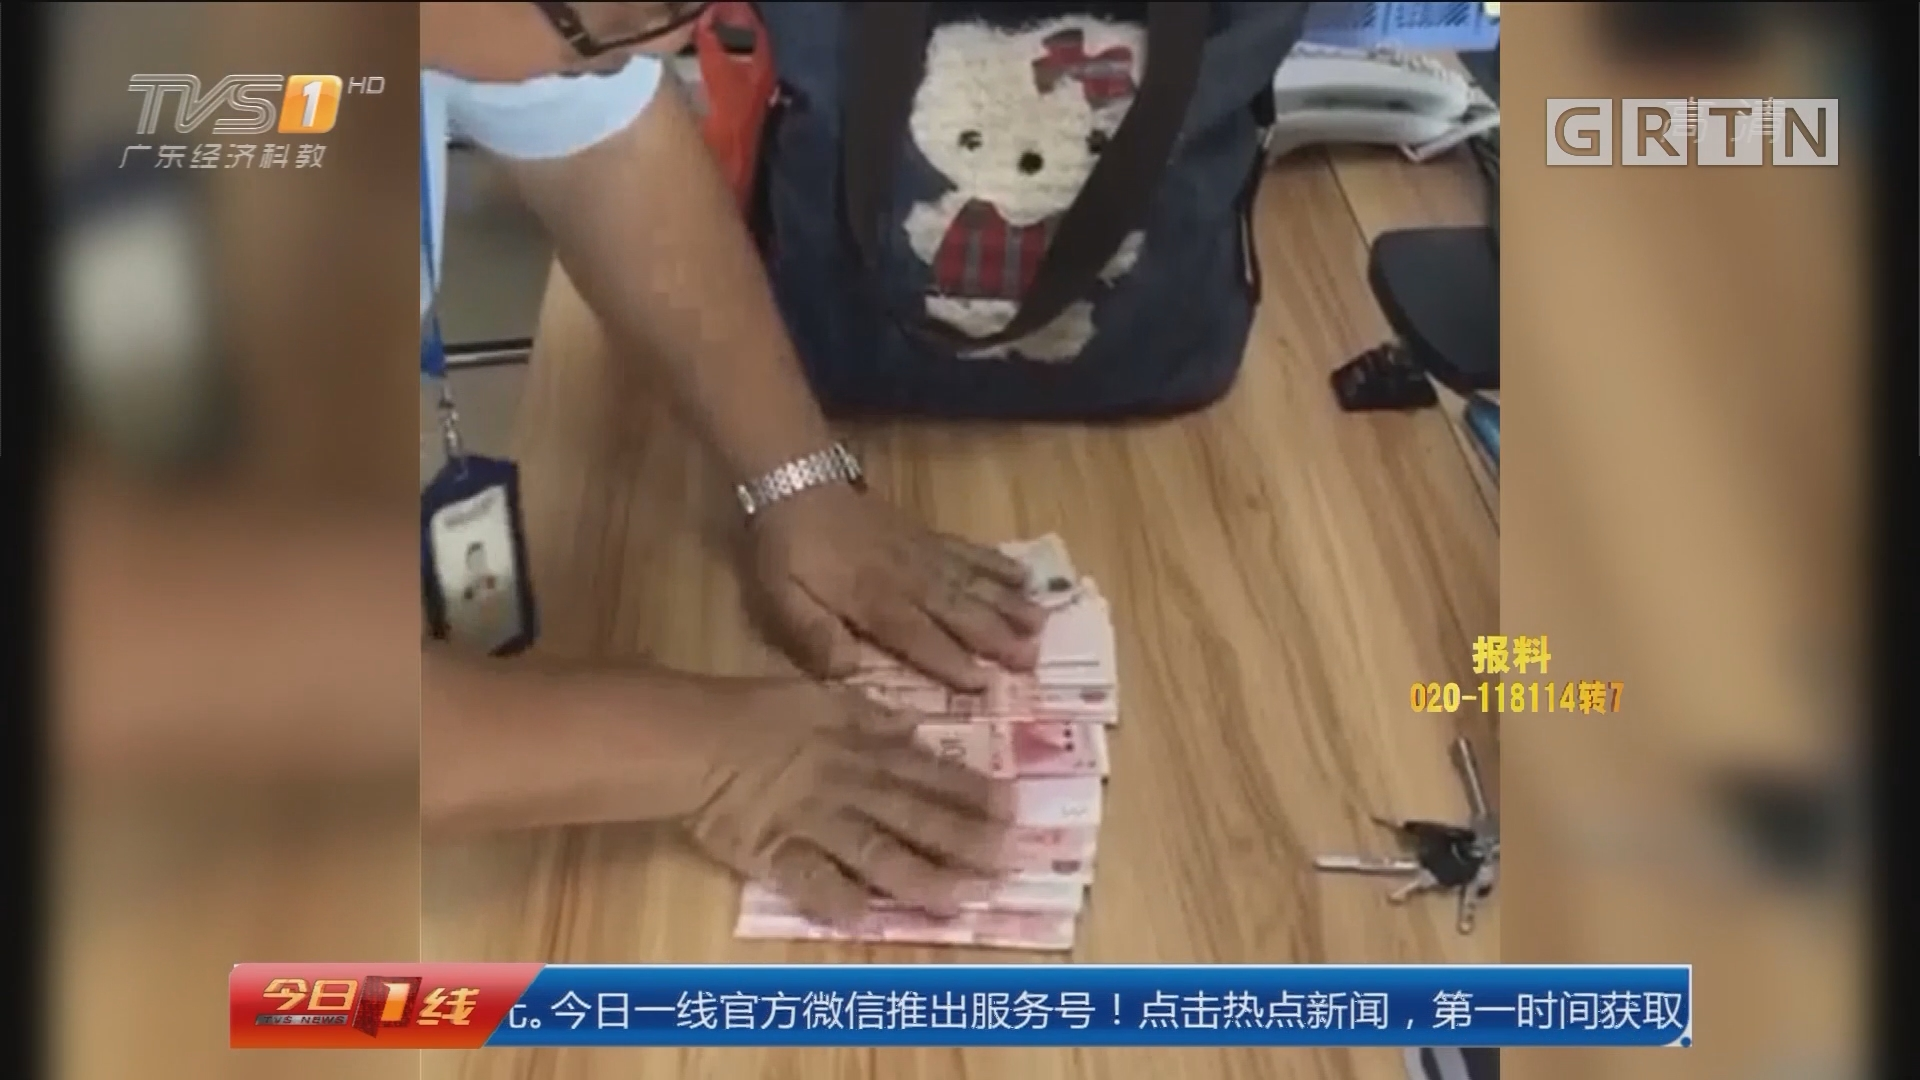 东莞:车上捡到巨款 谁丢的?